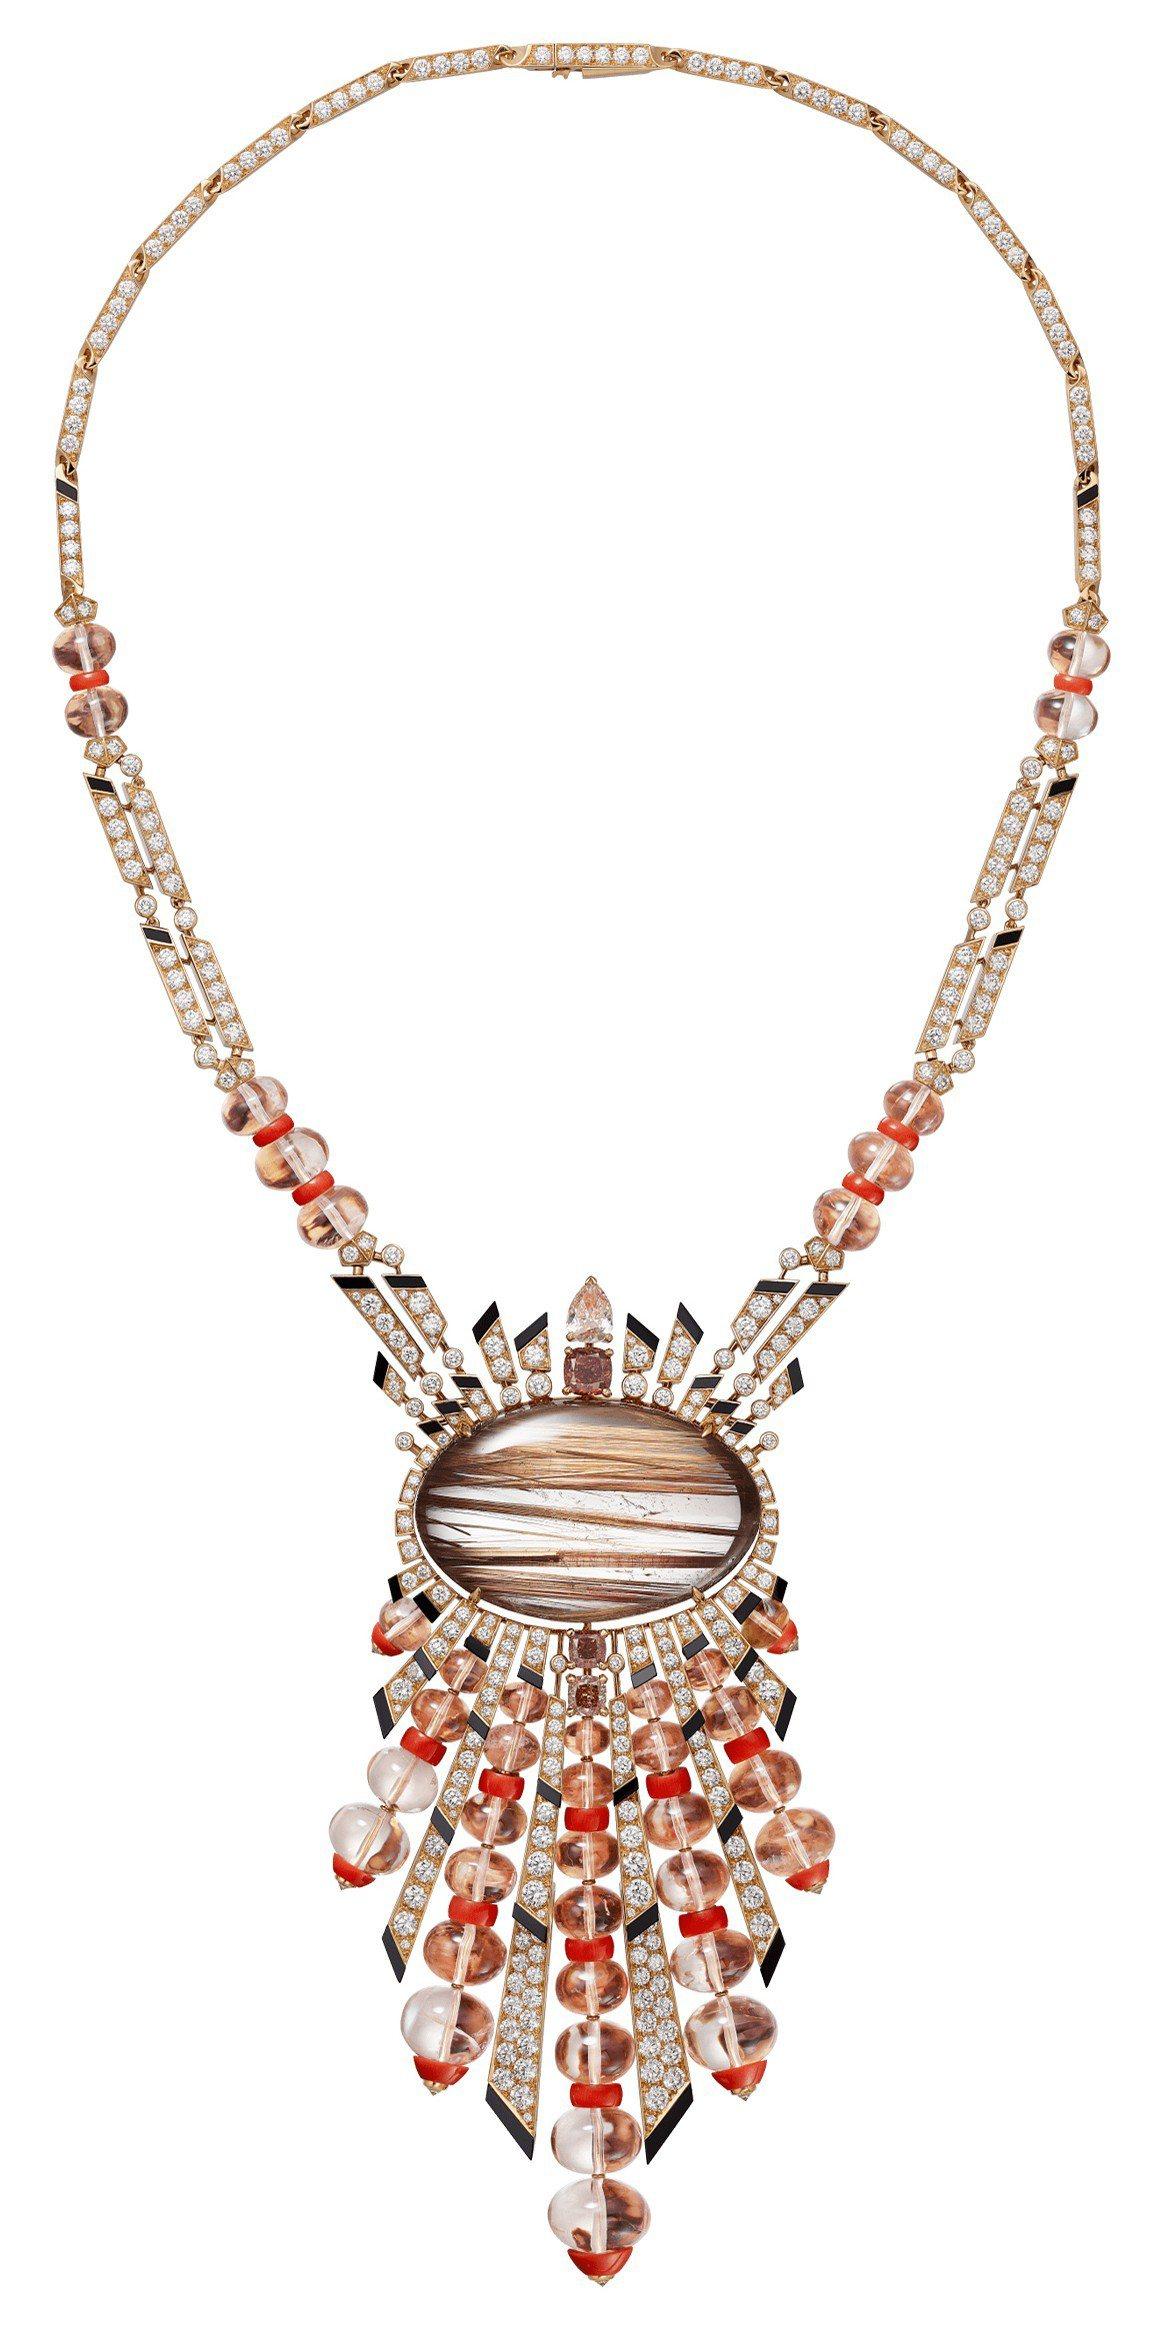 卡地亞MAGNITUDE頂級珠寶系列APHÉLIE項鍊,玫瑰金鑲嵌68.85克...